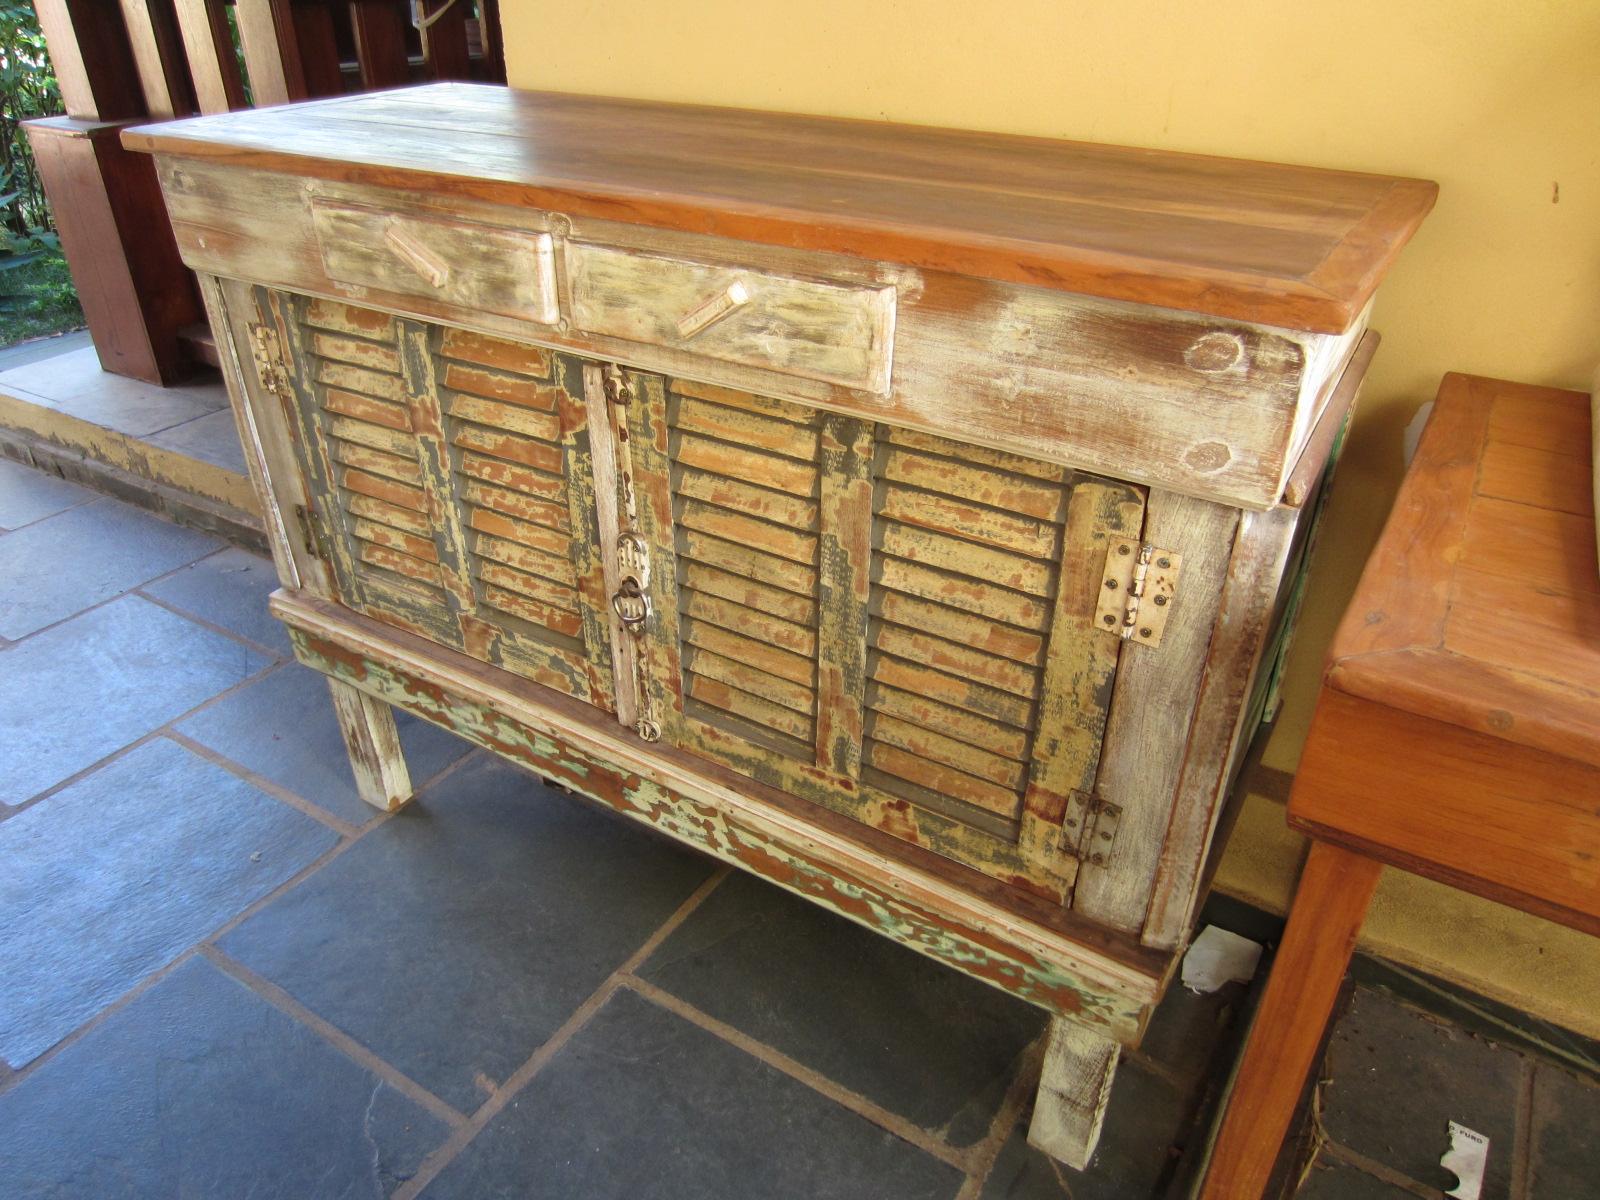 Empório dos Móveis Rústicos: Armário em madeira de demolição #A57B26 1600x1200